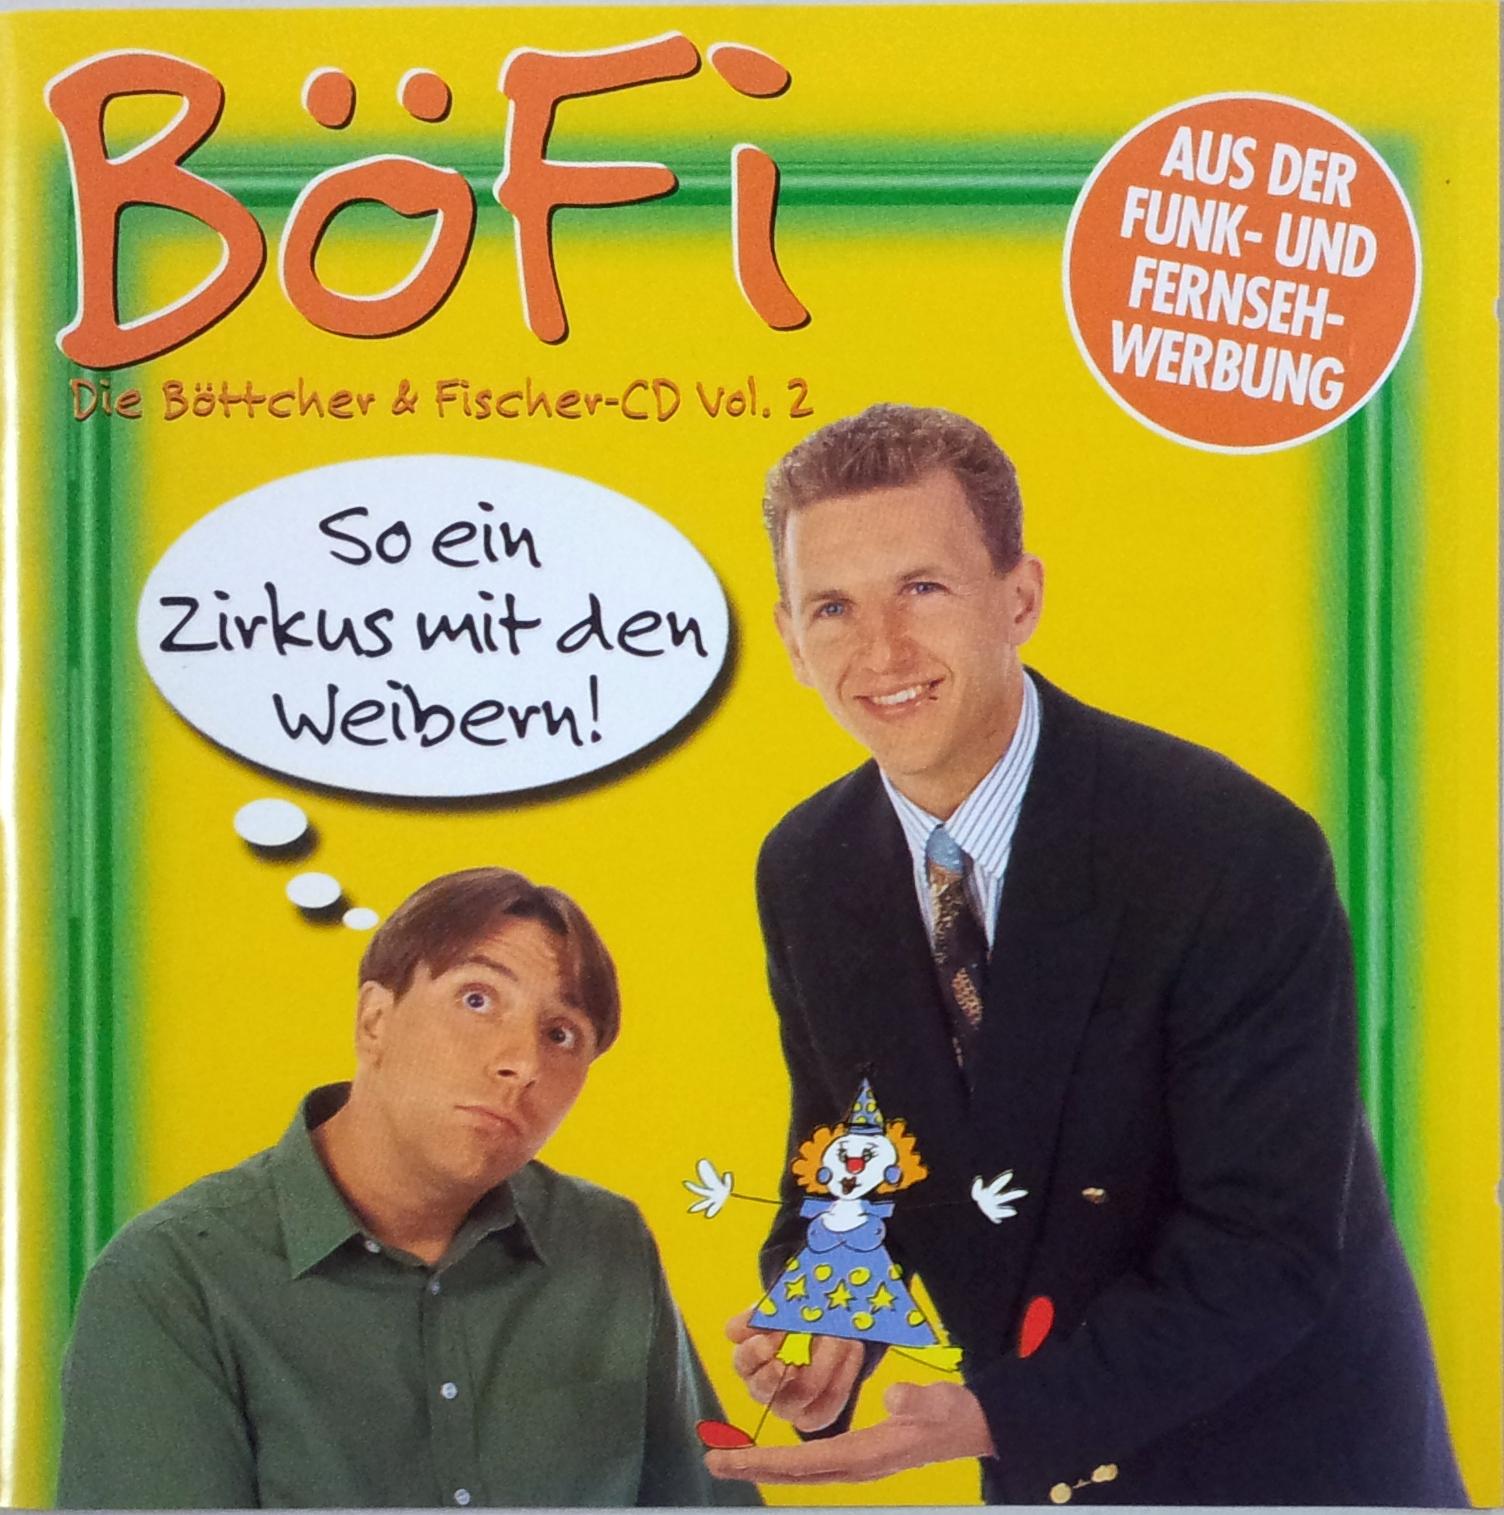 BöFi Vol. 2 - So ein Zirkus mit den Weibern